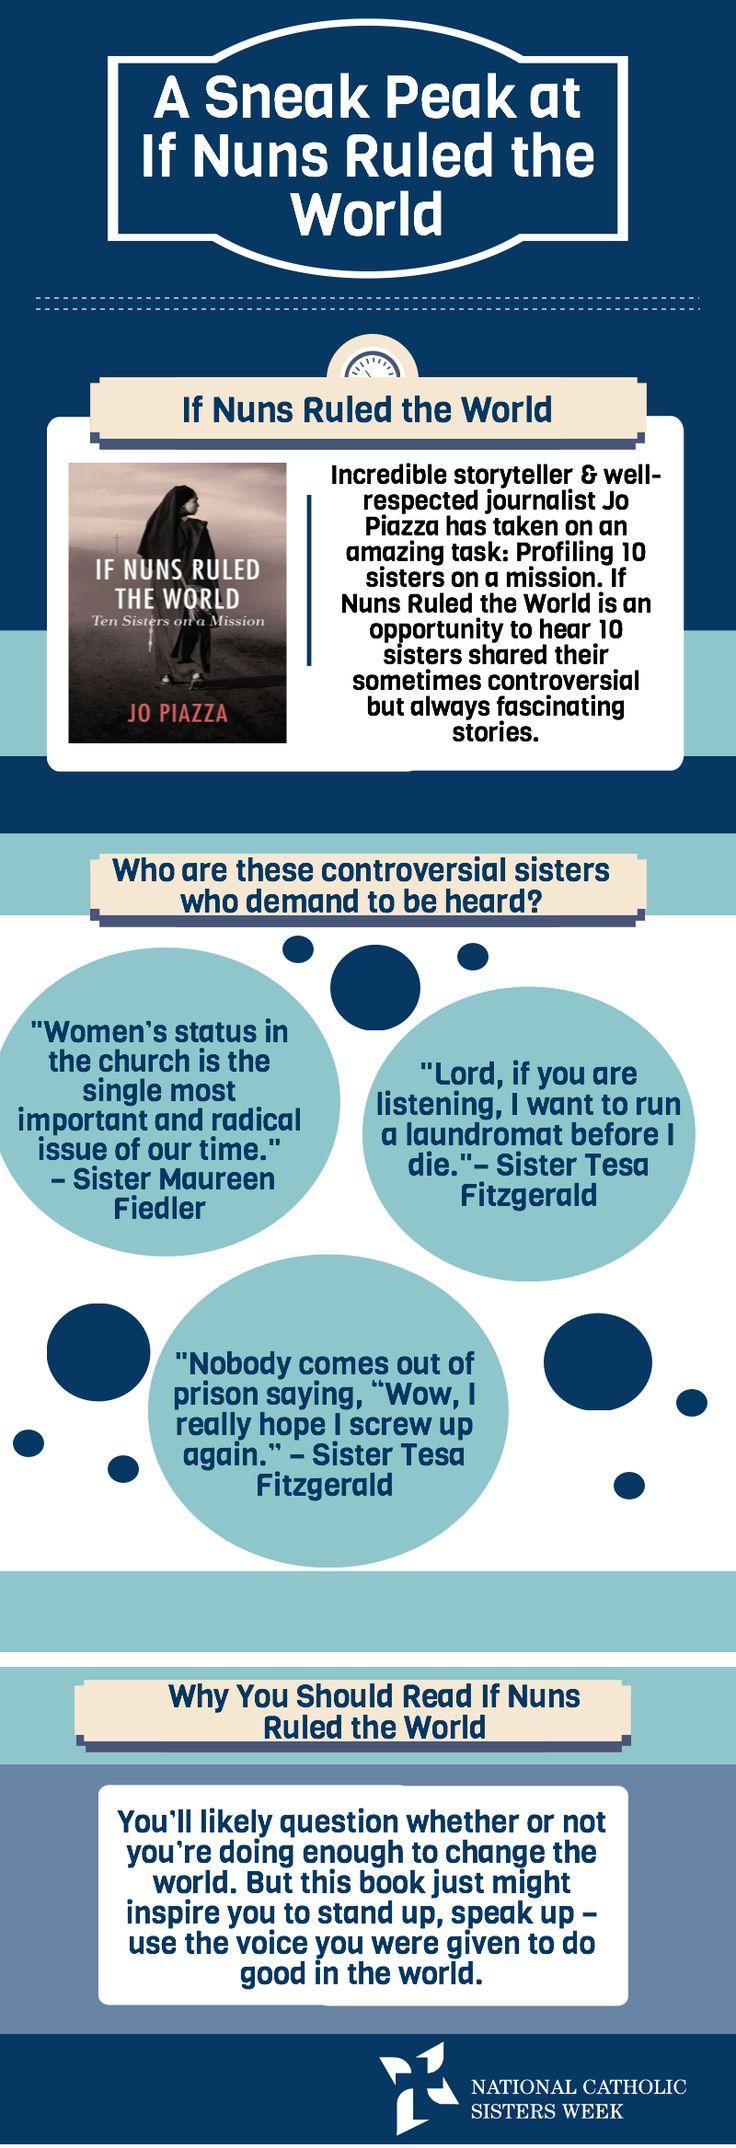 Каталог христианских